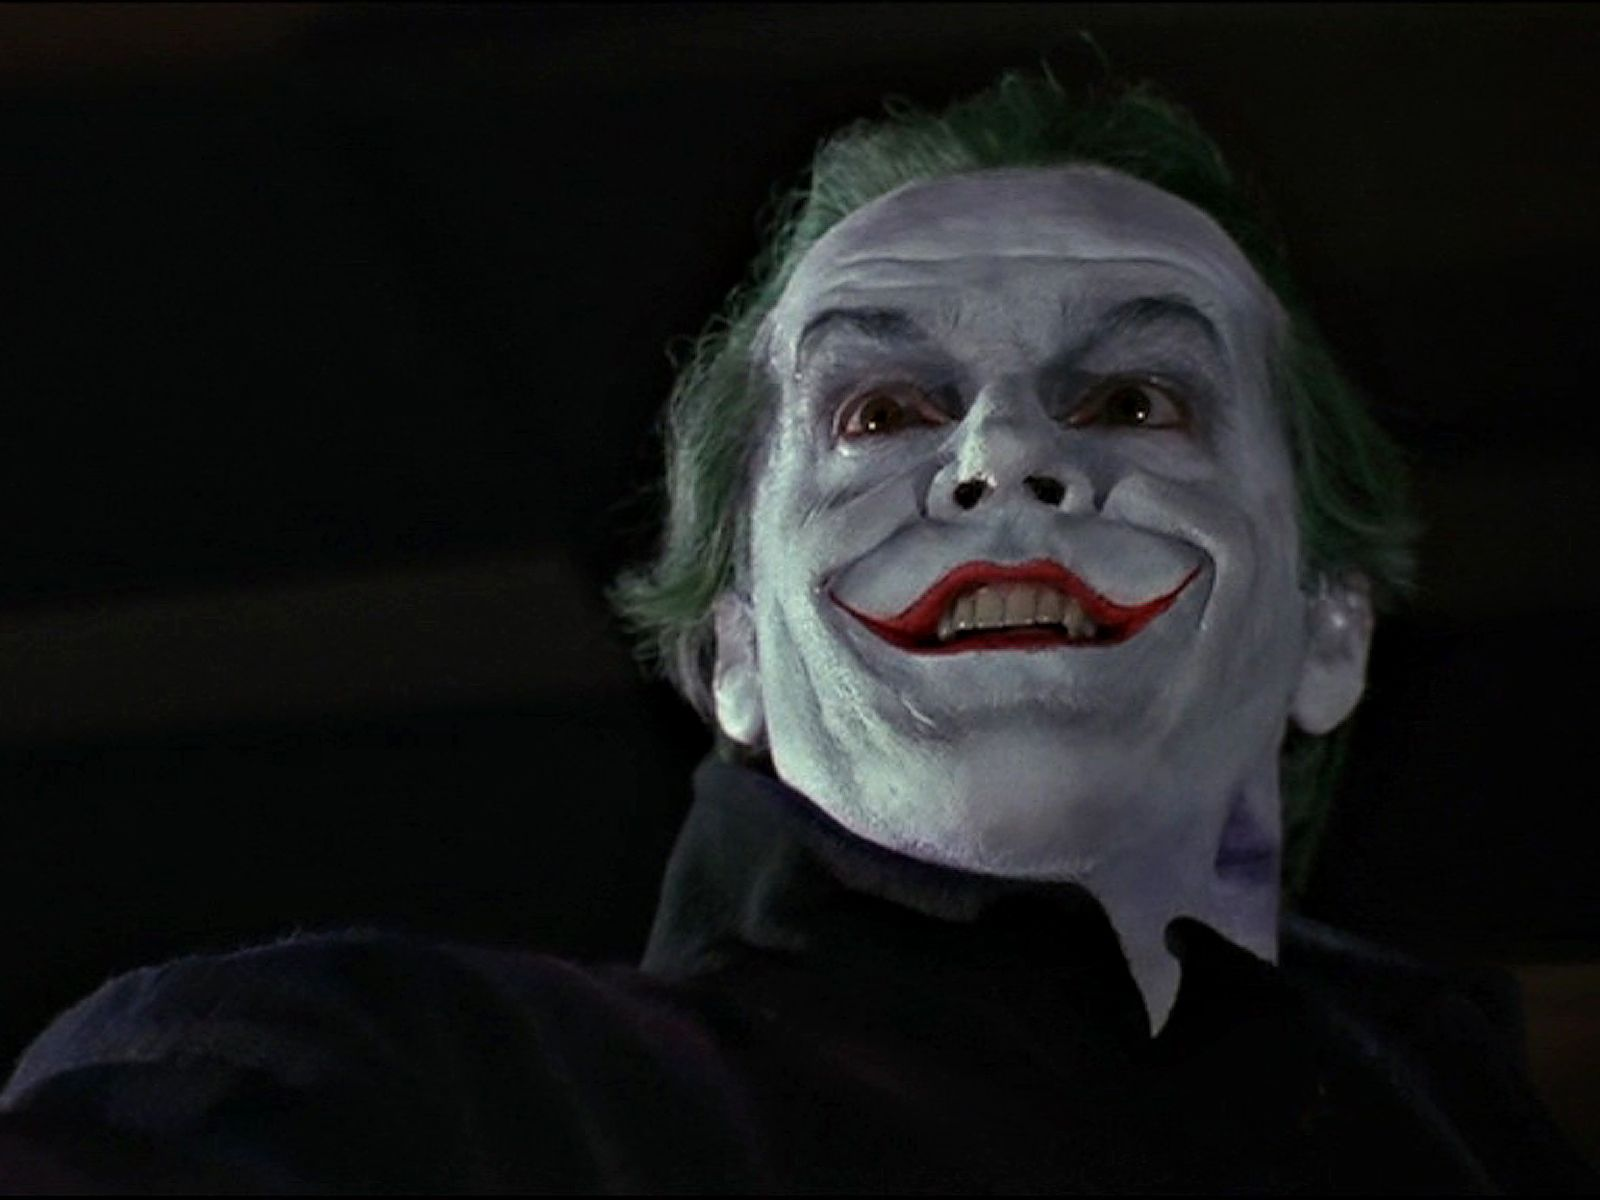 The Joker Smiling Portrait Wallpaper 1600x1200